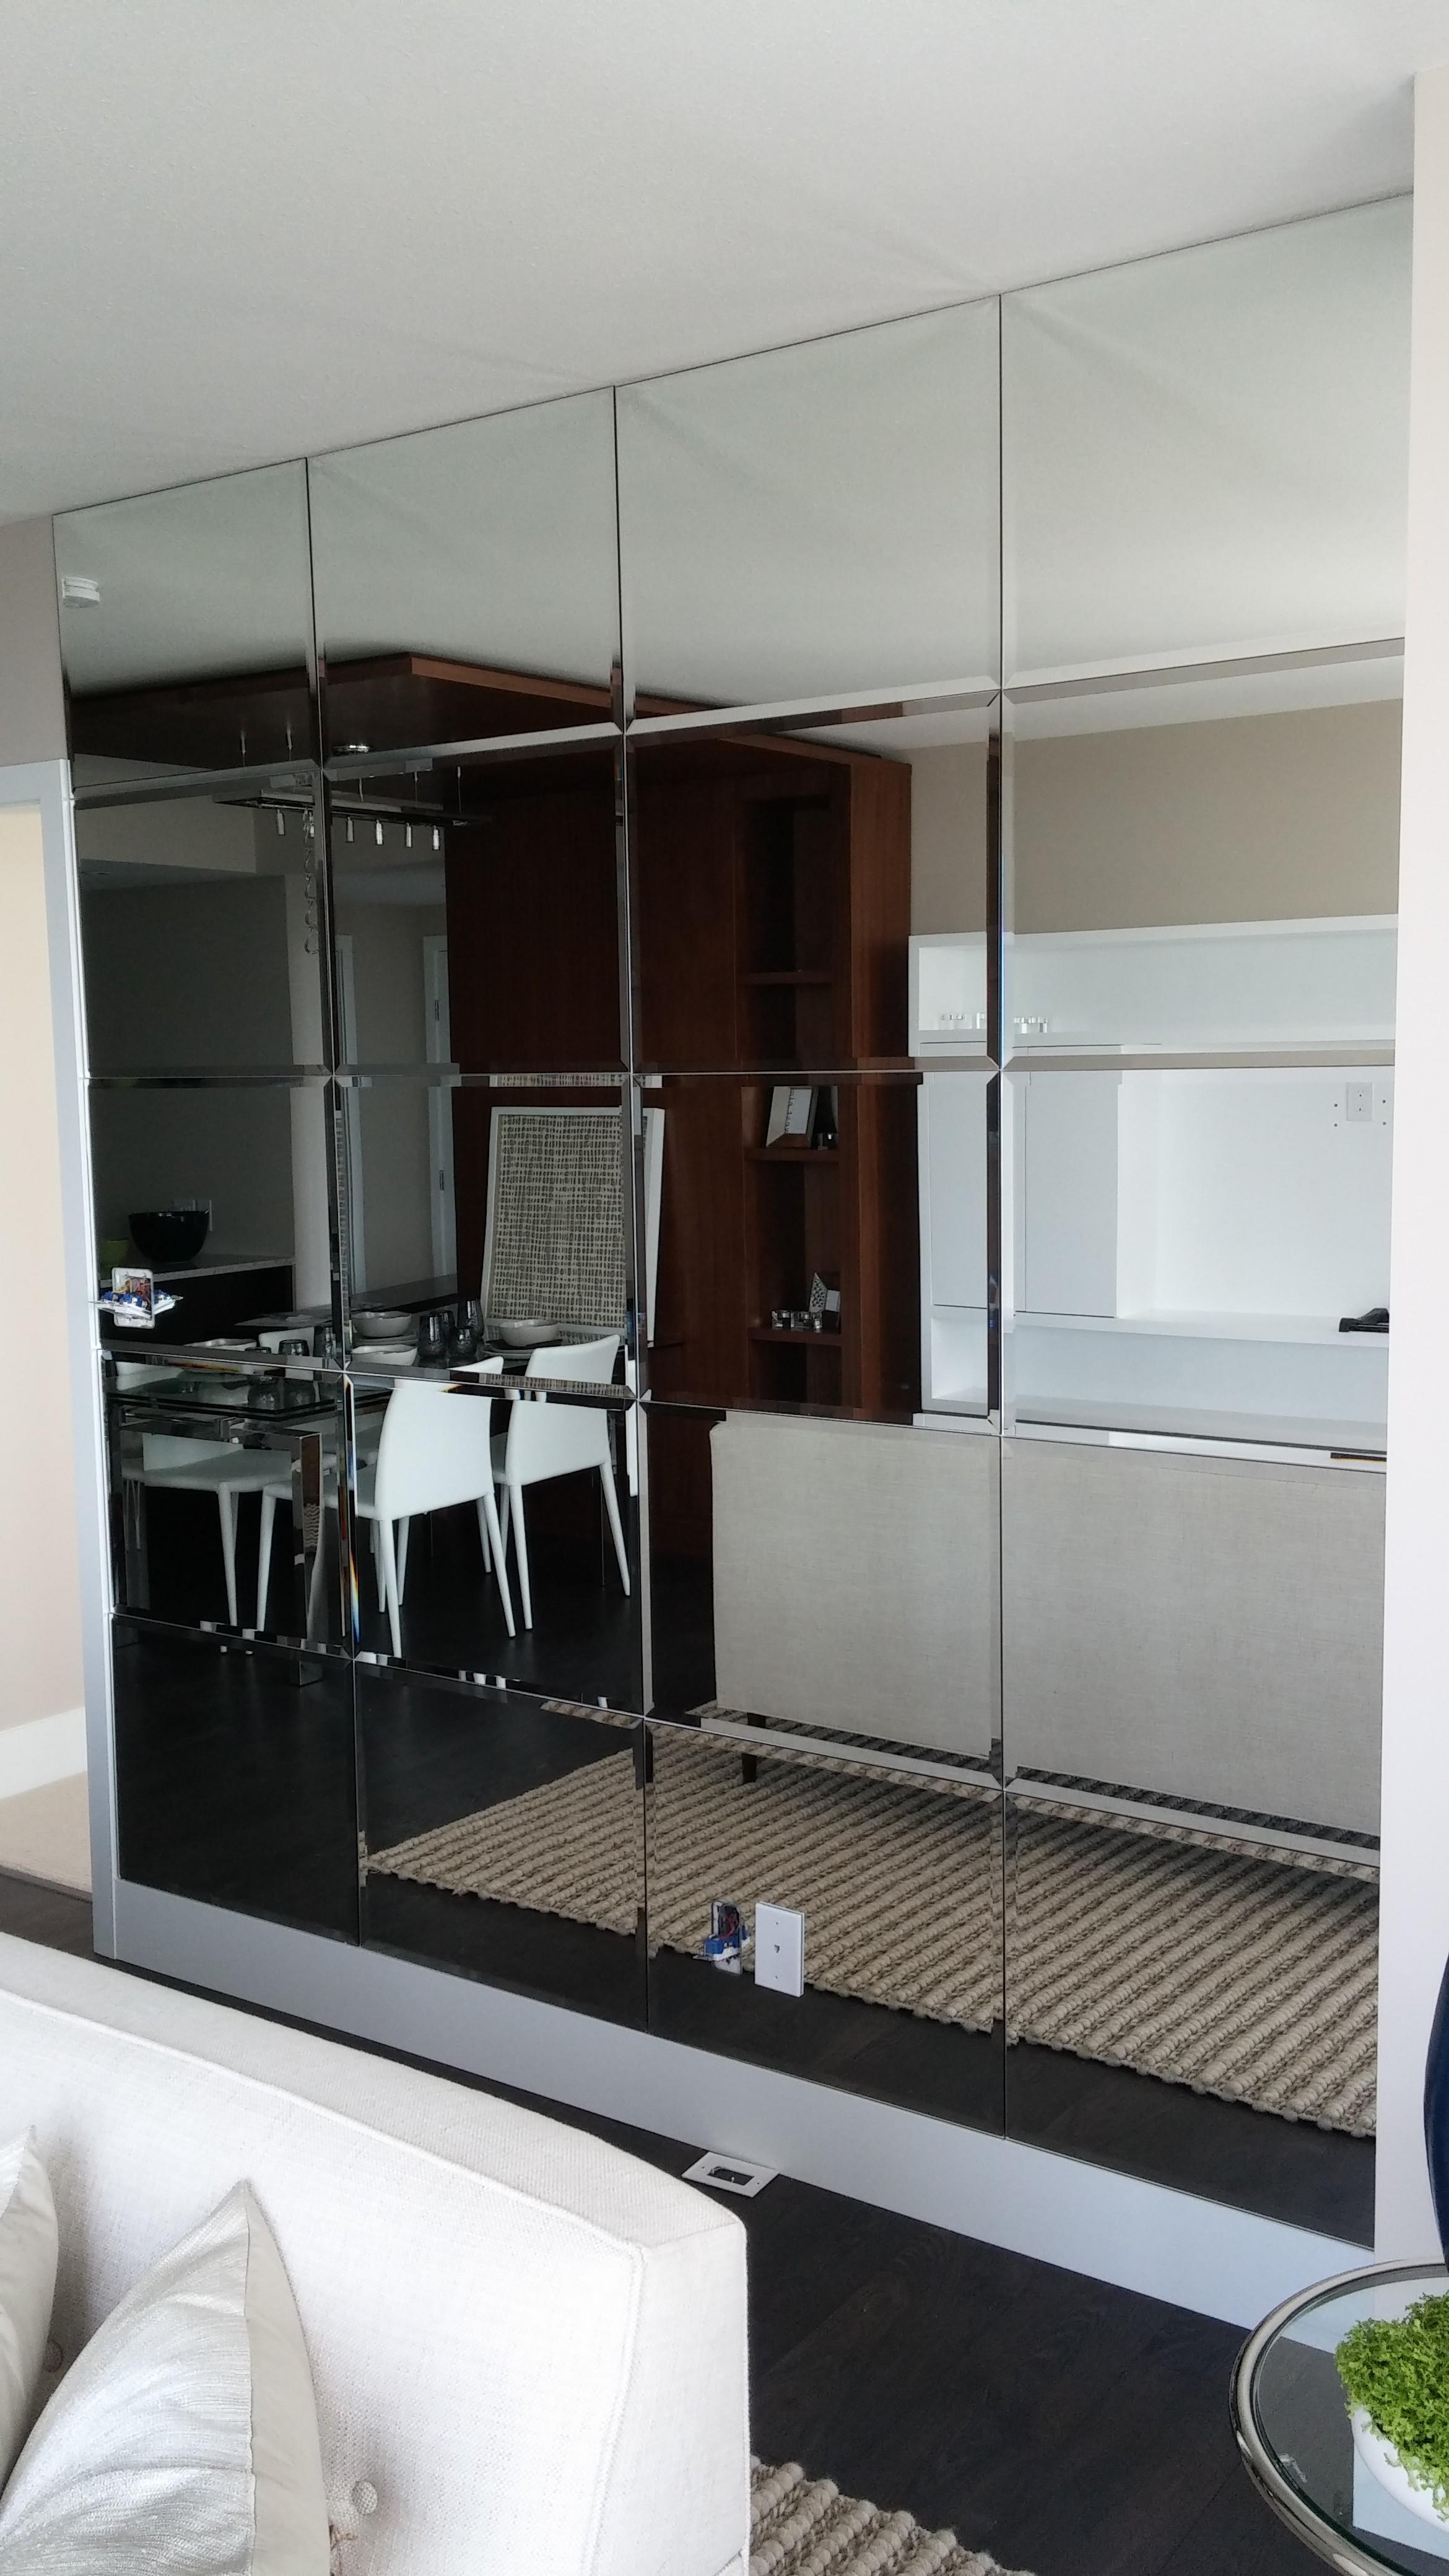 https://0901.nccdn.net/4_2/000/000/038/2d3/Beveled-Mirror-Wall.jpg